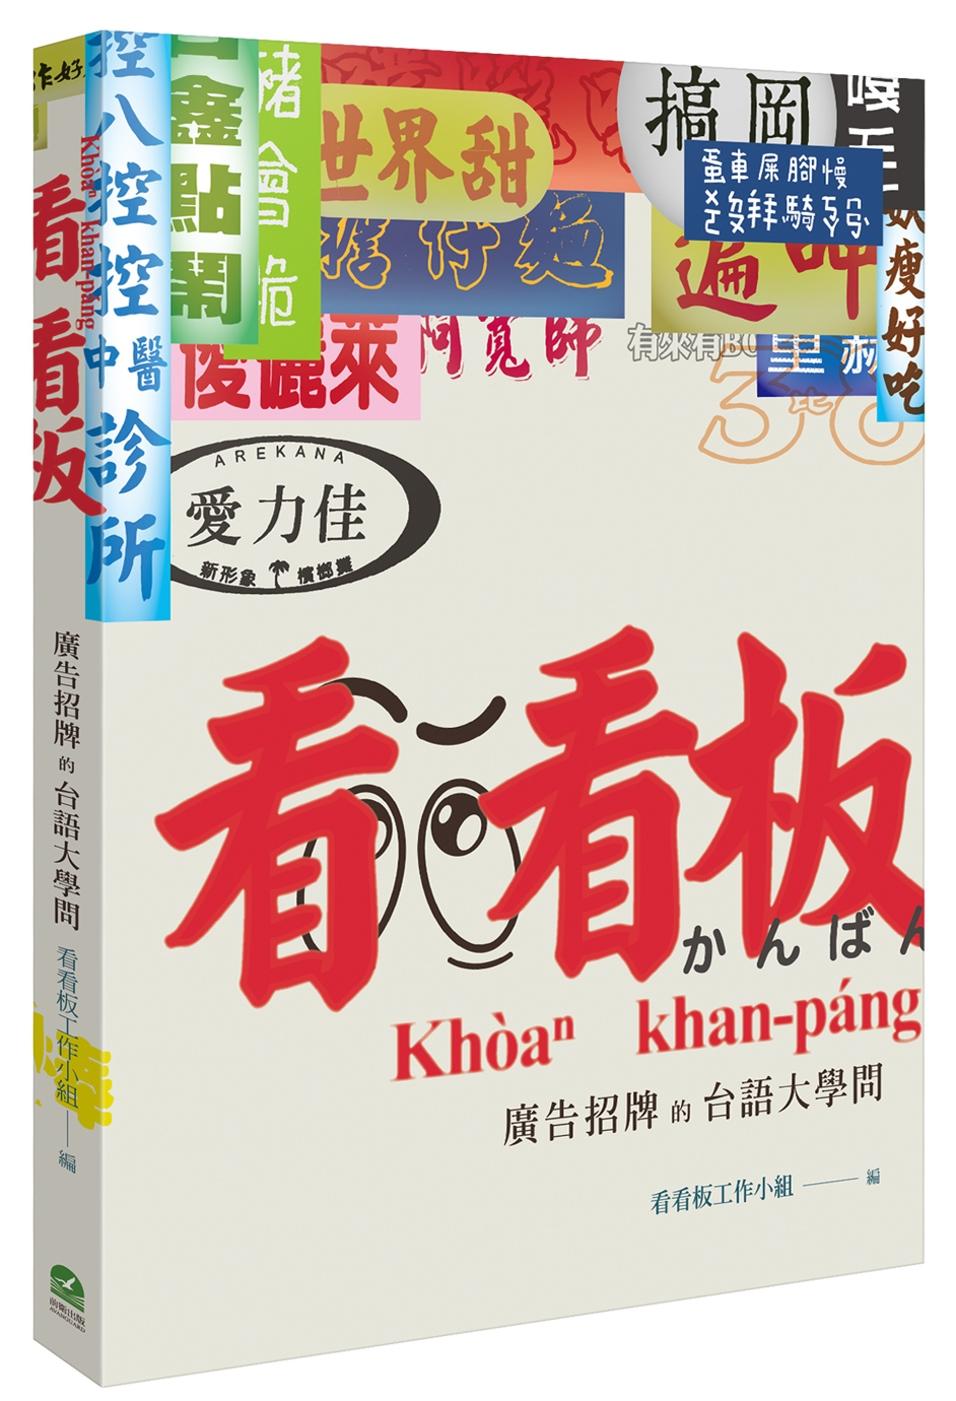 看看板:廣告招牌的台語大學問